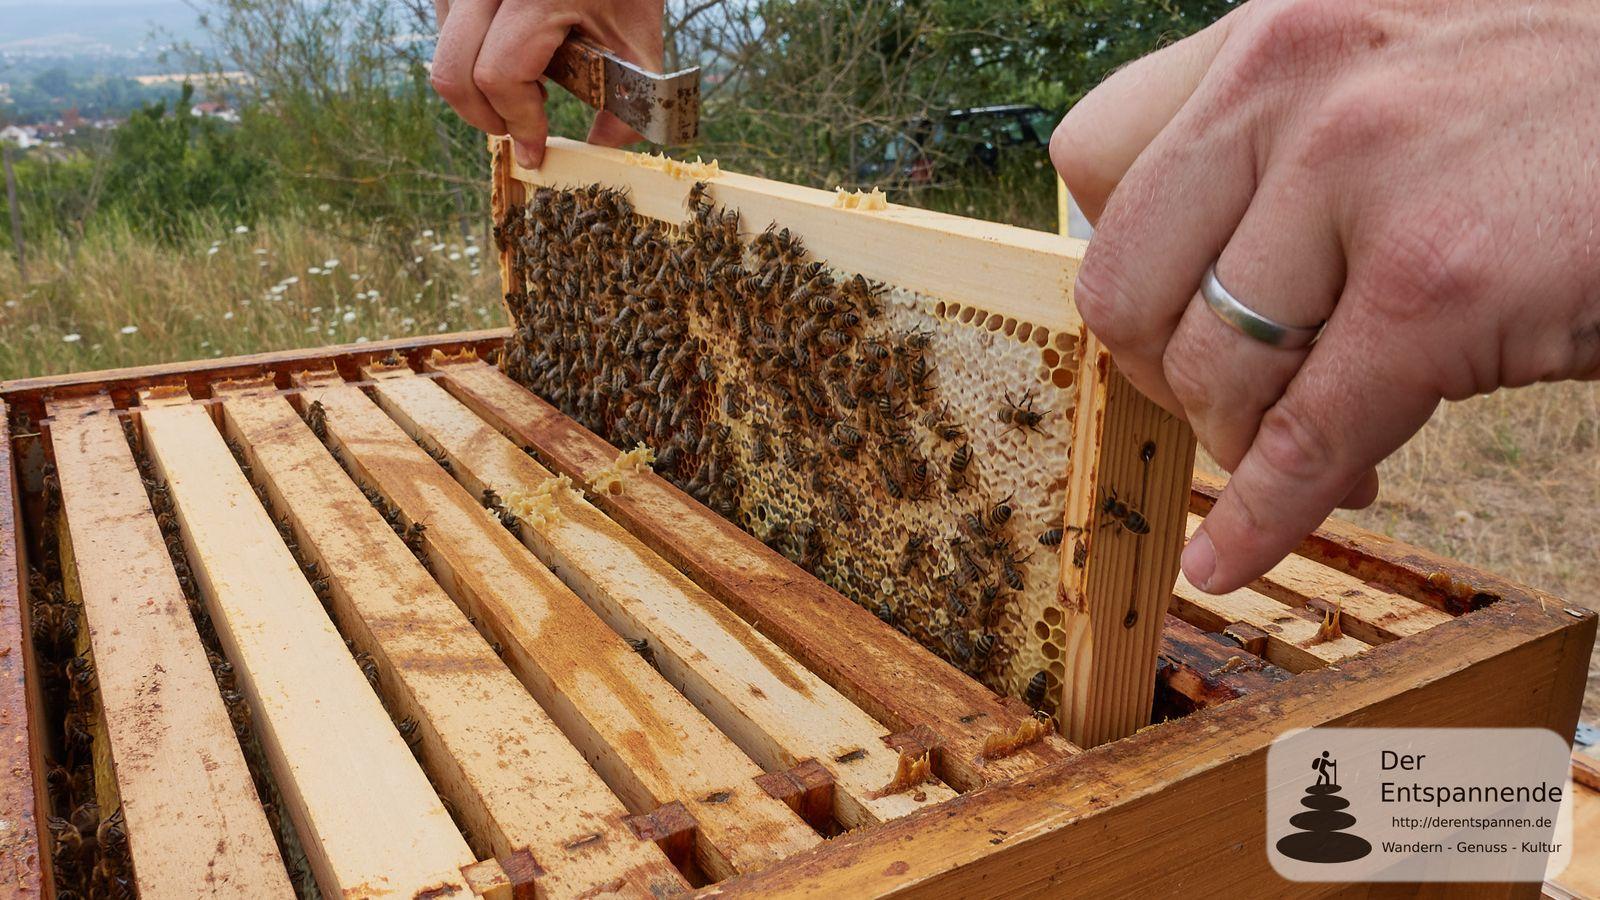 Besuch beim Rheinhessen-Imker: Eine Million Bienen, leckerer Honig und ein Naturschutzgebiet